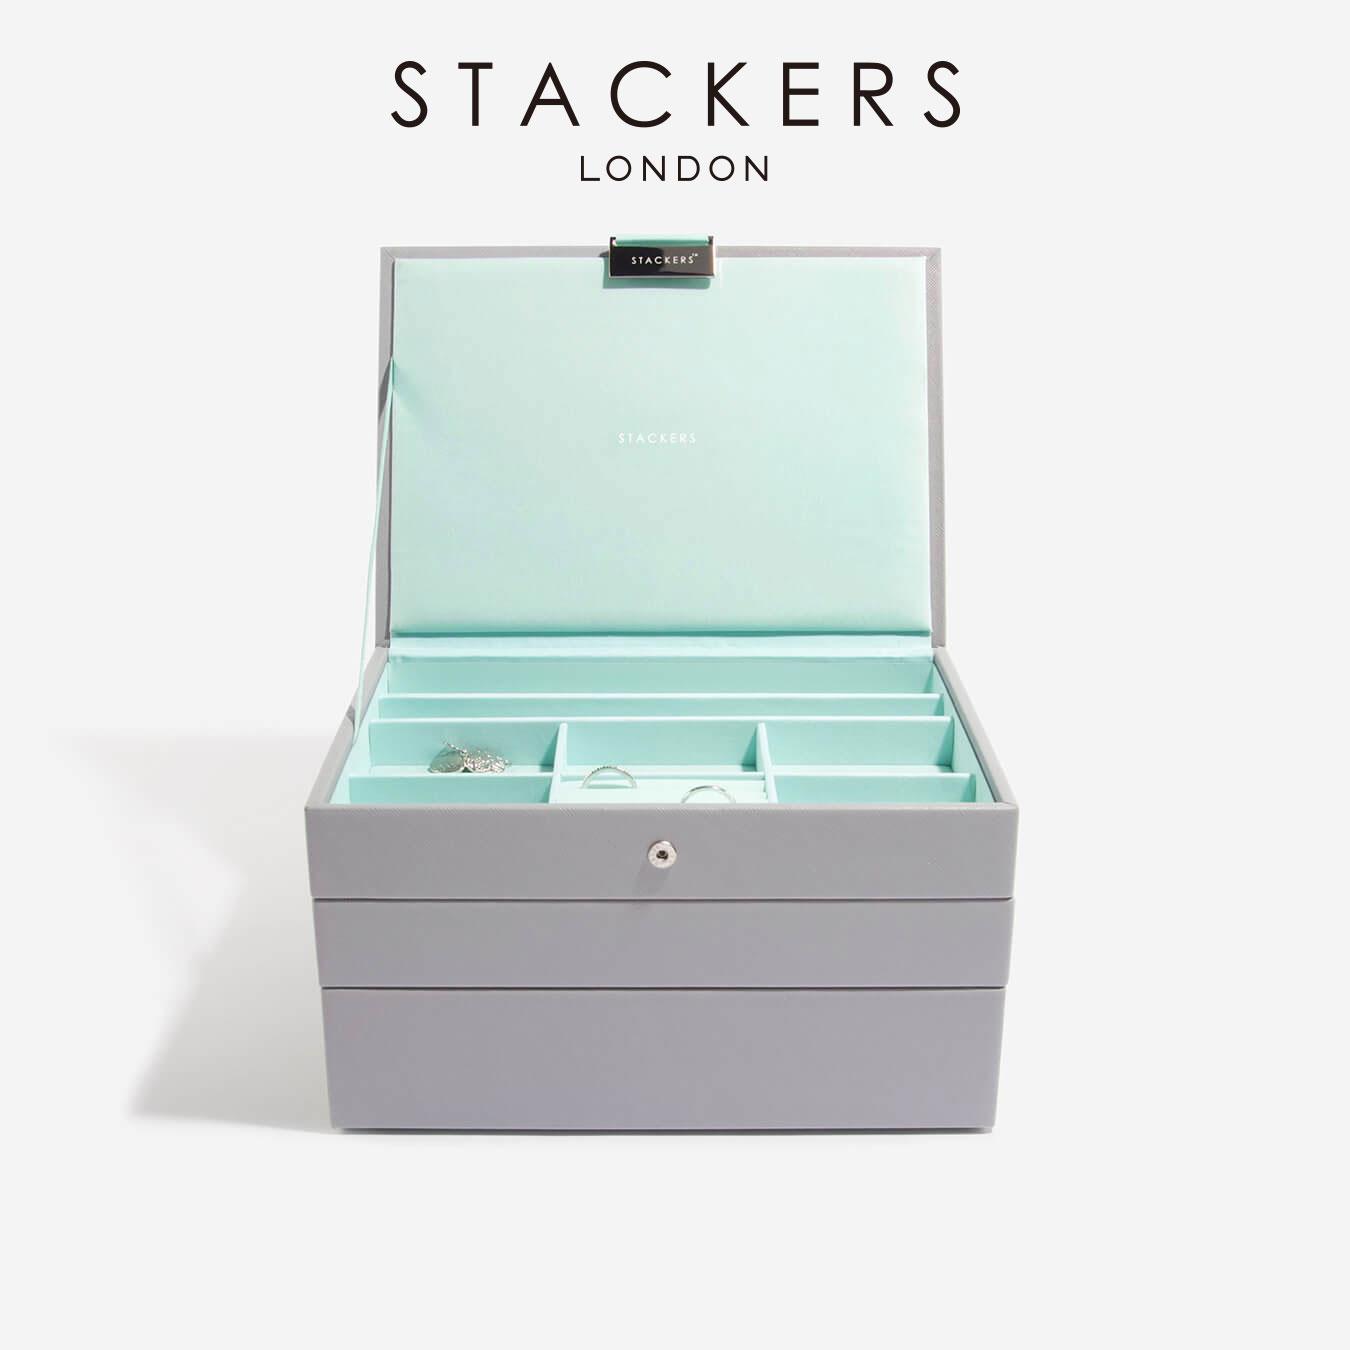 画像1: 【STACKERS】ジュエリーボックス  選べる3個セット ミント グレー/グレー ターコイズ /スタッカーズ/ジュエリーケース/ジュエリートレイ/重ねる/重なる/アクセサリーケース/イギリスデザイン/ロンドン/JEWELLRY BOX (1)